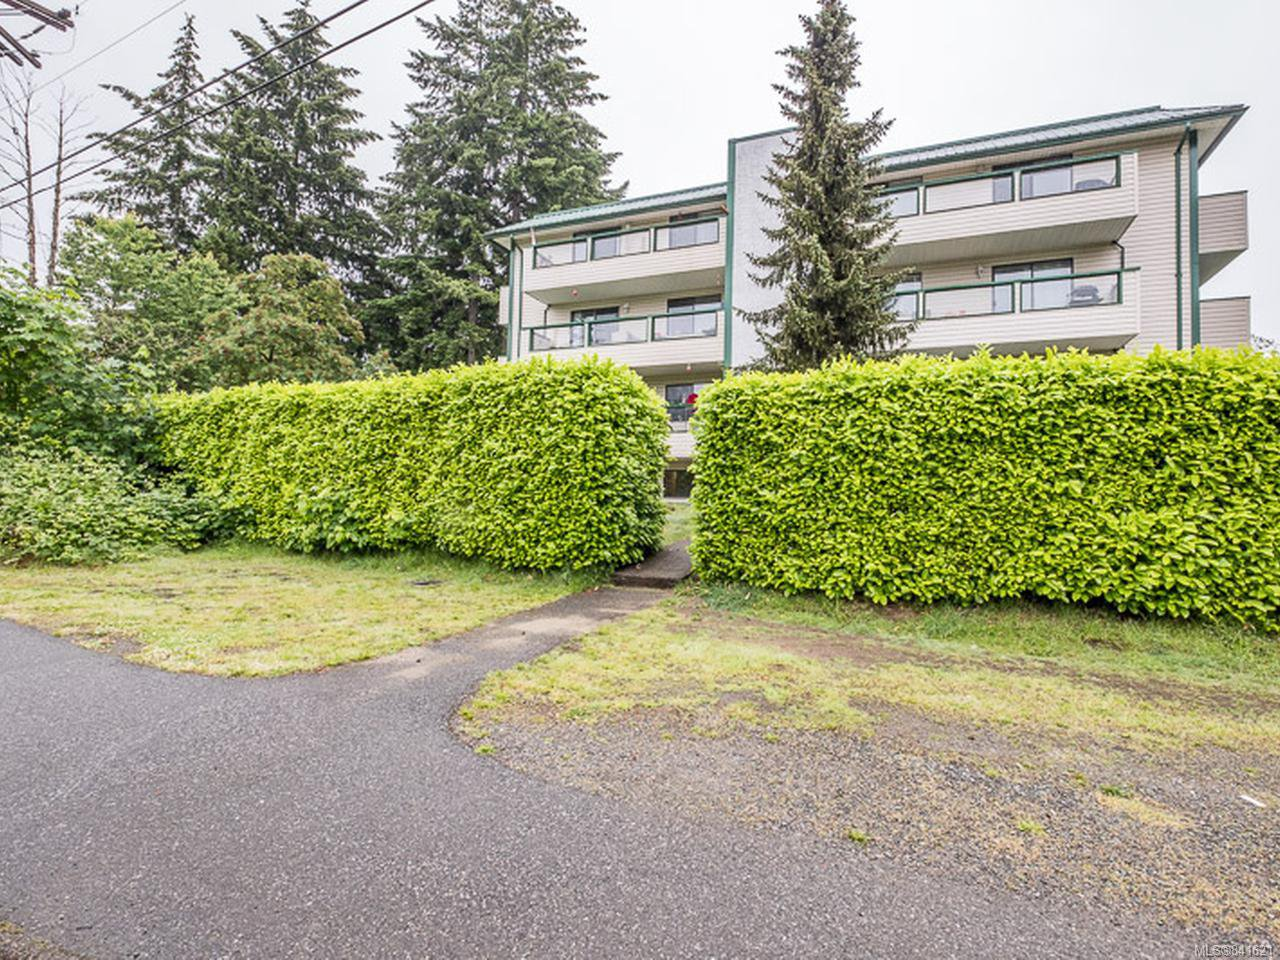 Main Photo: 407 3108 Barons Rd in NANAIMO: Na Uplands Condo Apartment for sale (Nanaimo)  : MLS®# 841621